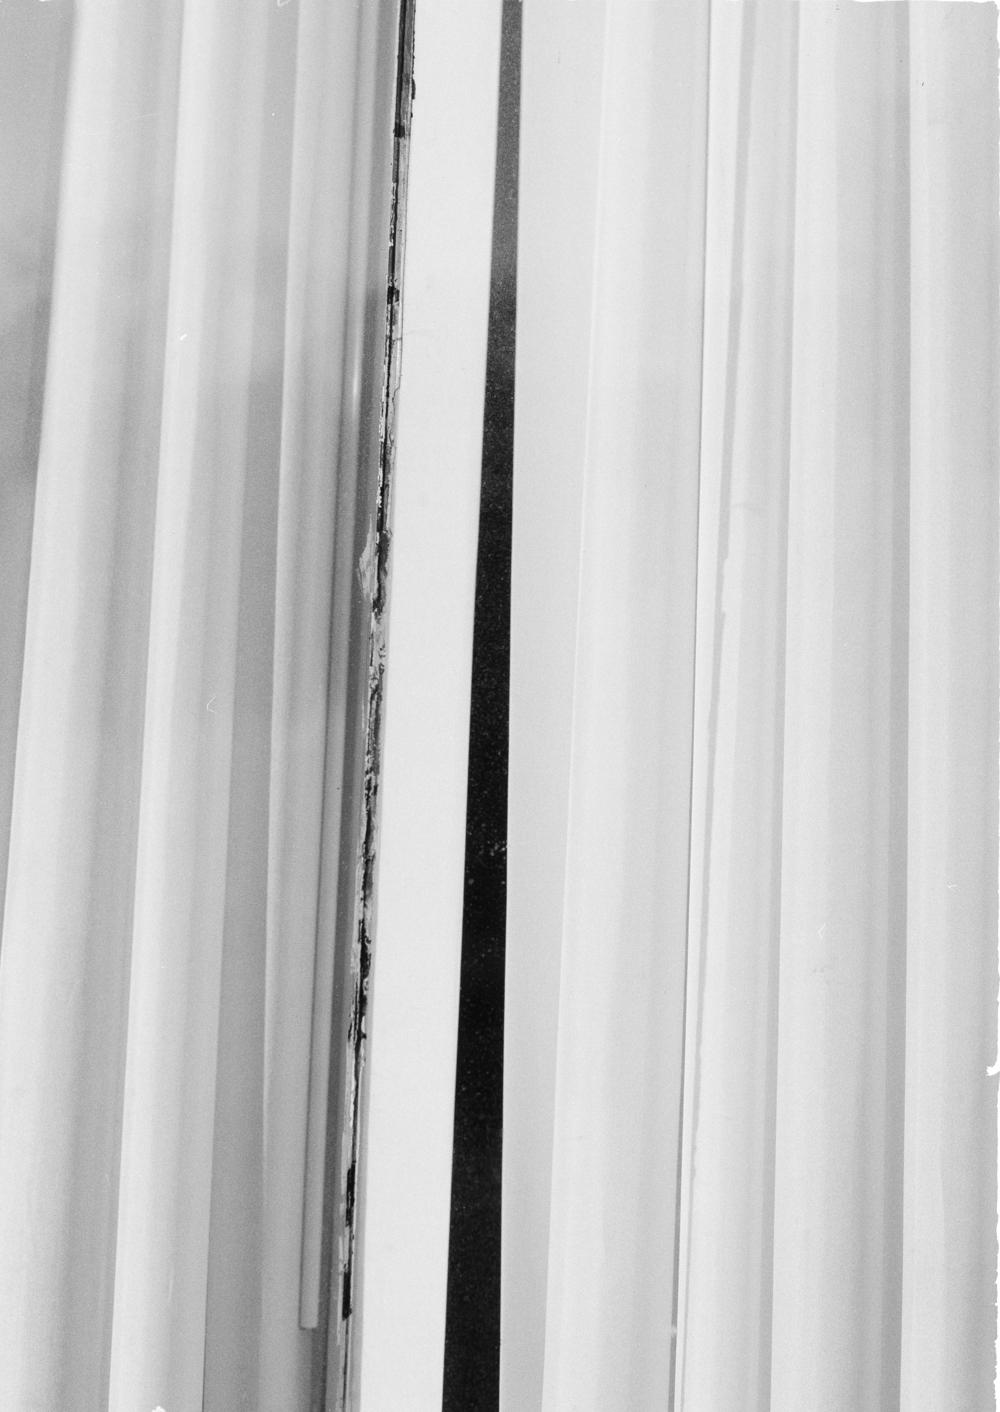 shadowstudy_004.jpg